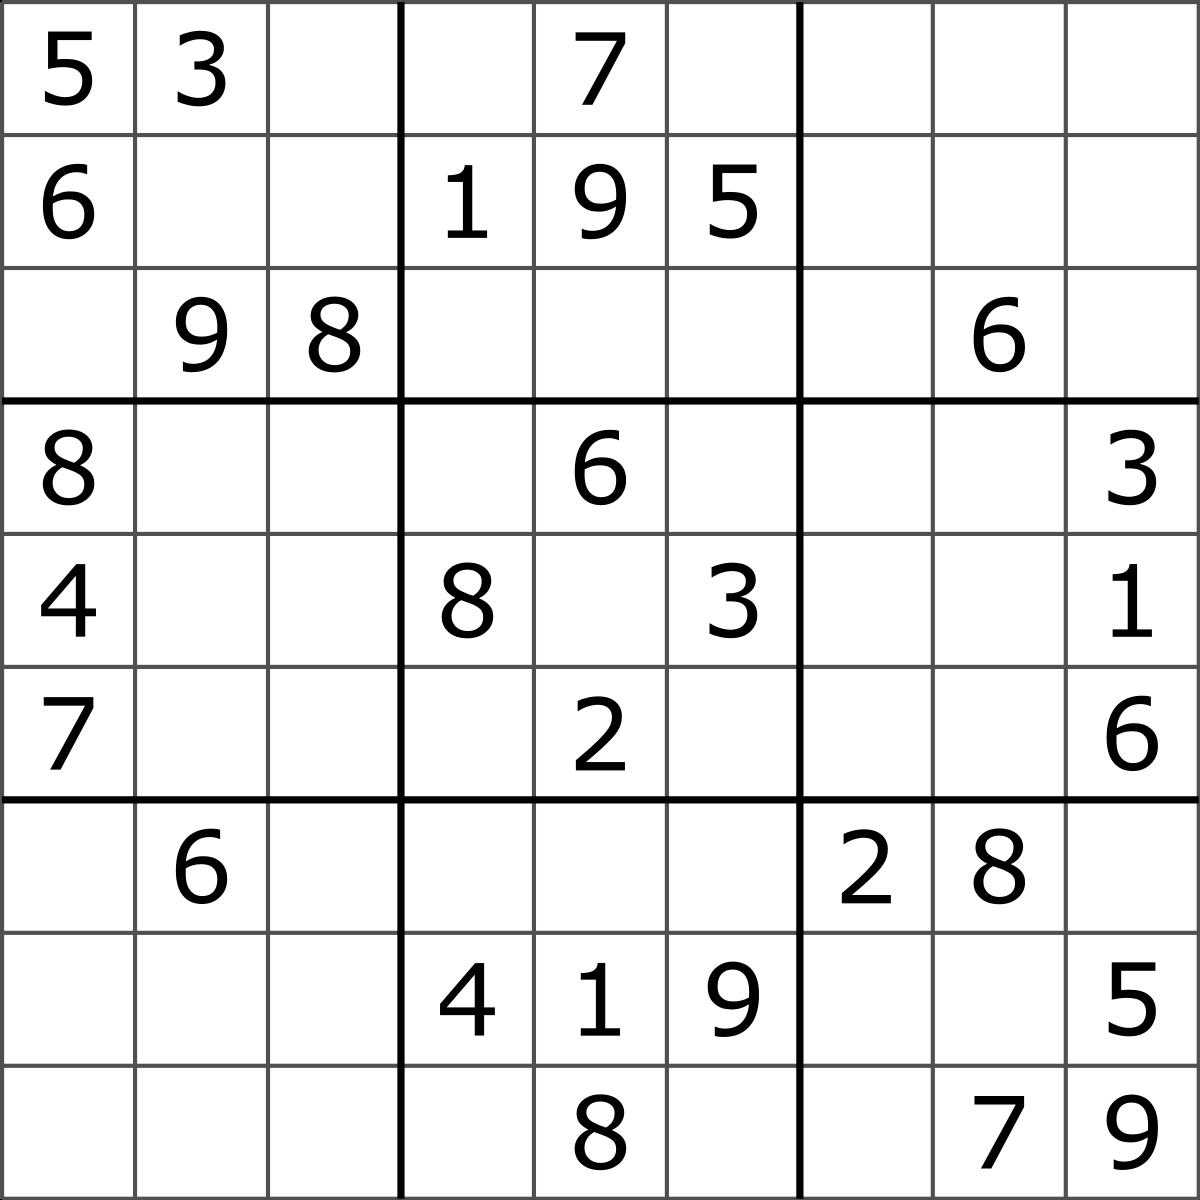 Sudoku Solving Algorithms - Wikipedia